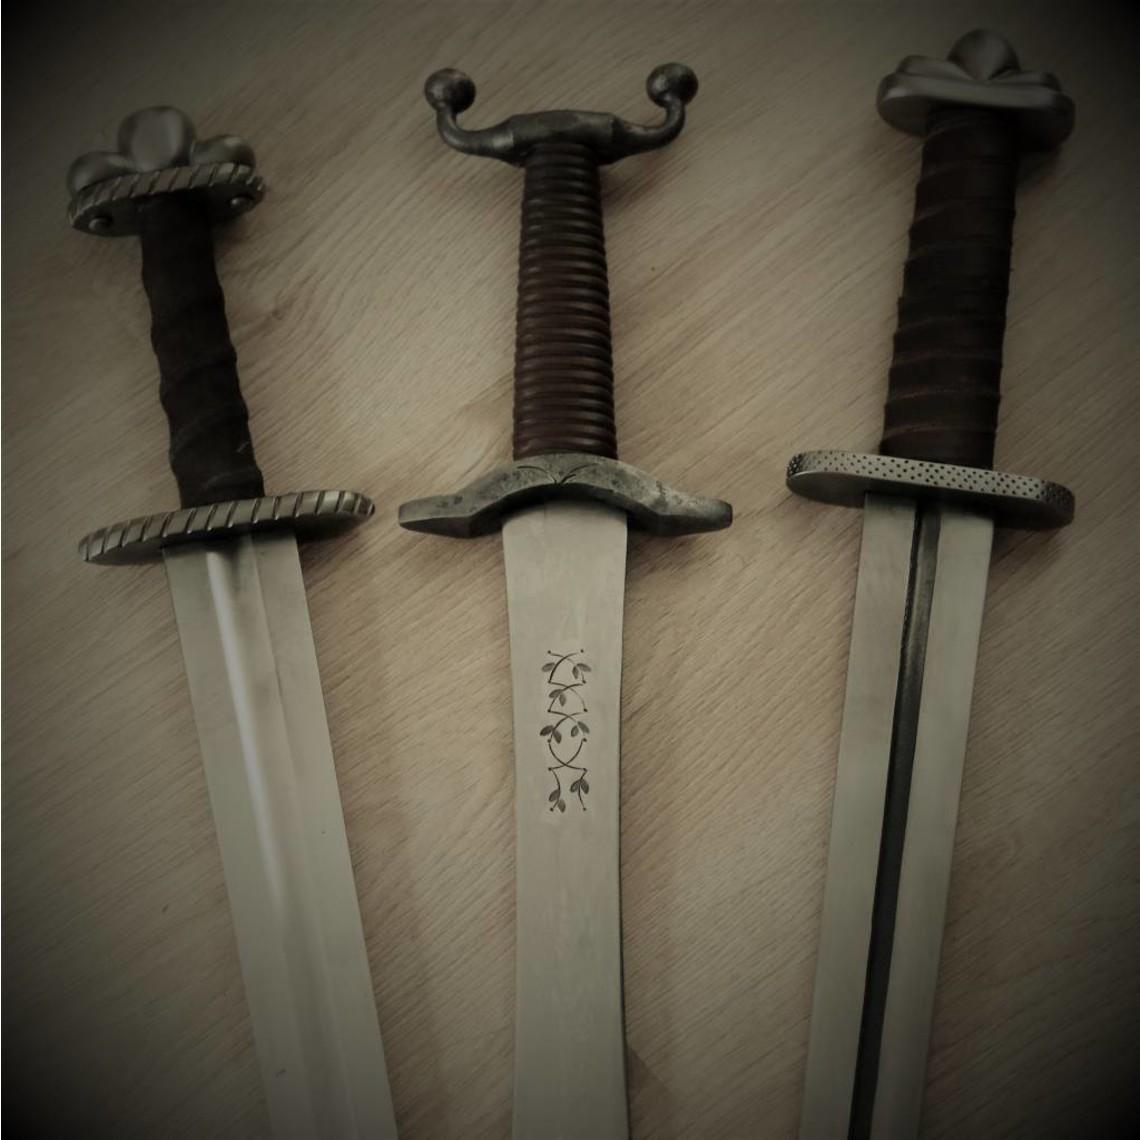 Schärfservice Schwerter (+ 3 Wochen)